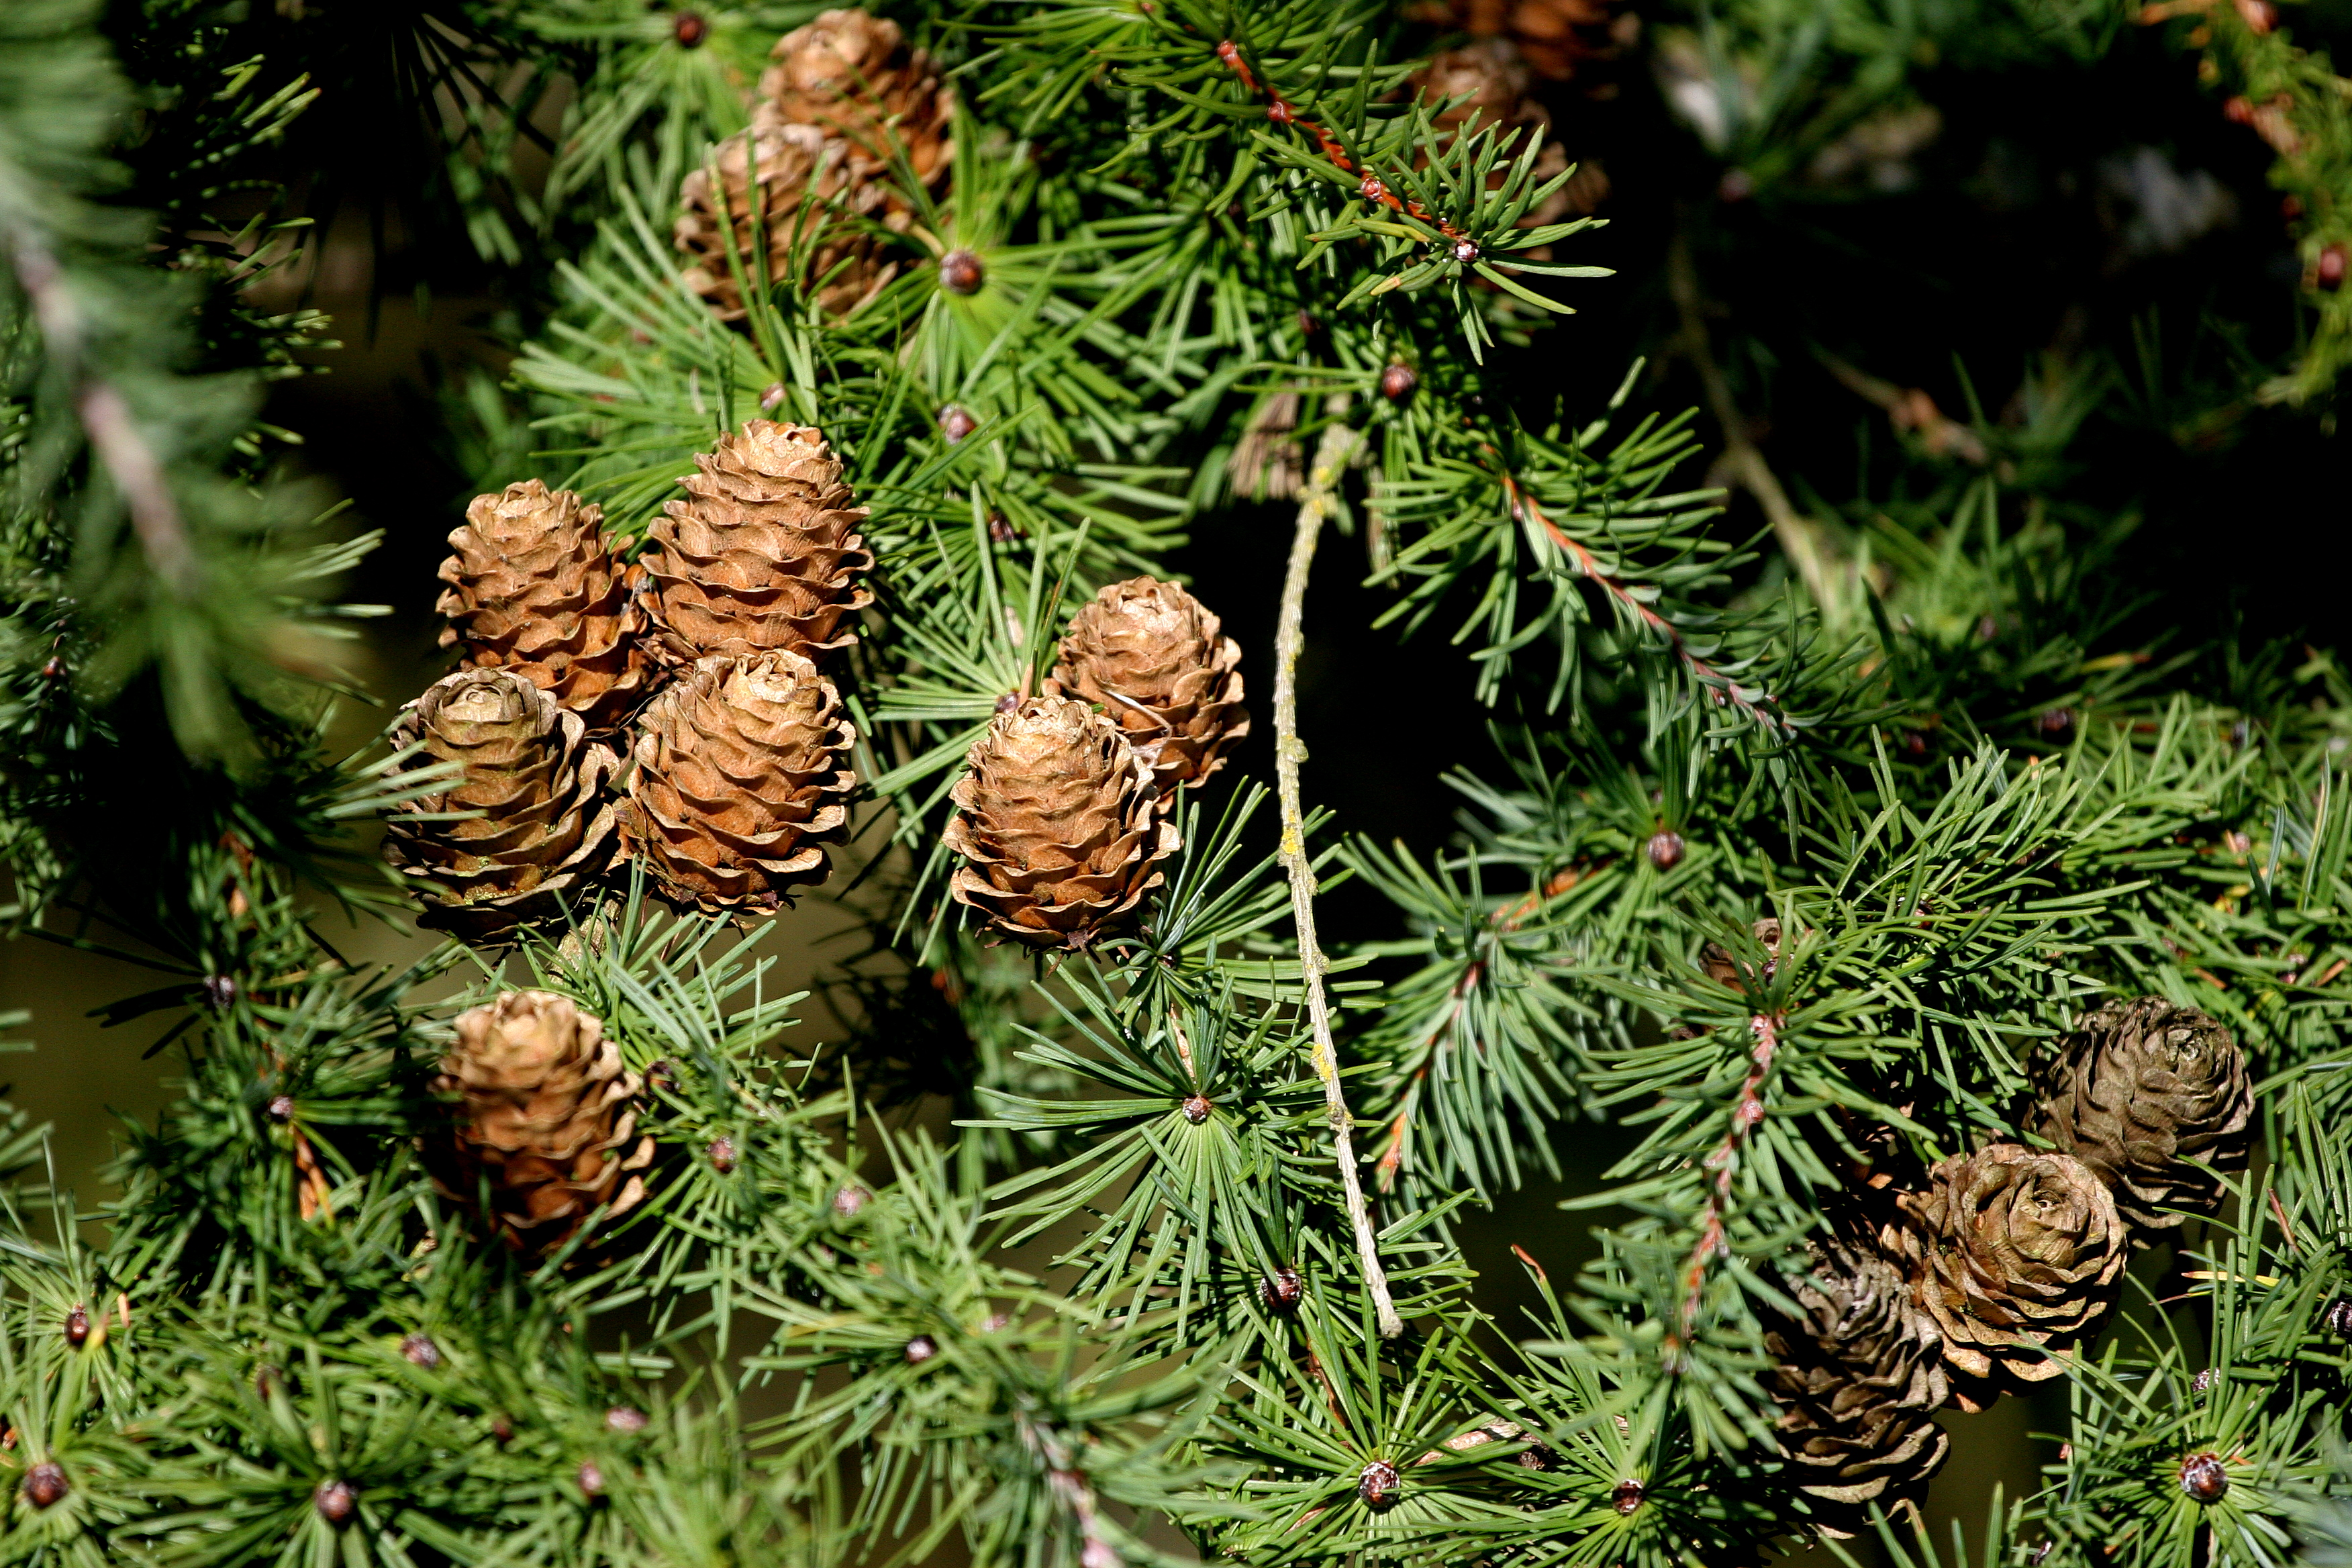 Níveis de produção elevados seguidos de explosão de pragas arrasam a cultura de pinhão